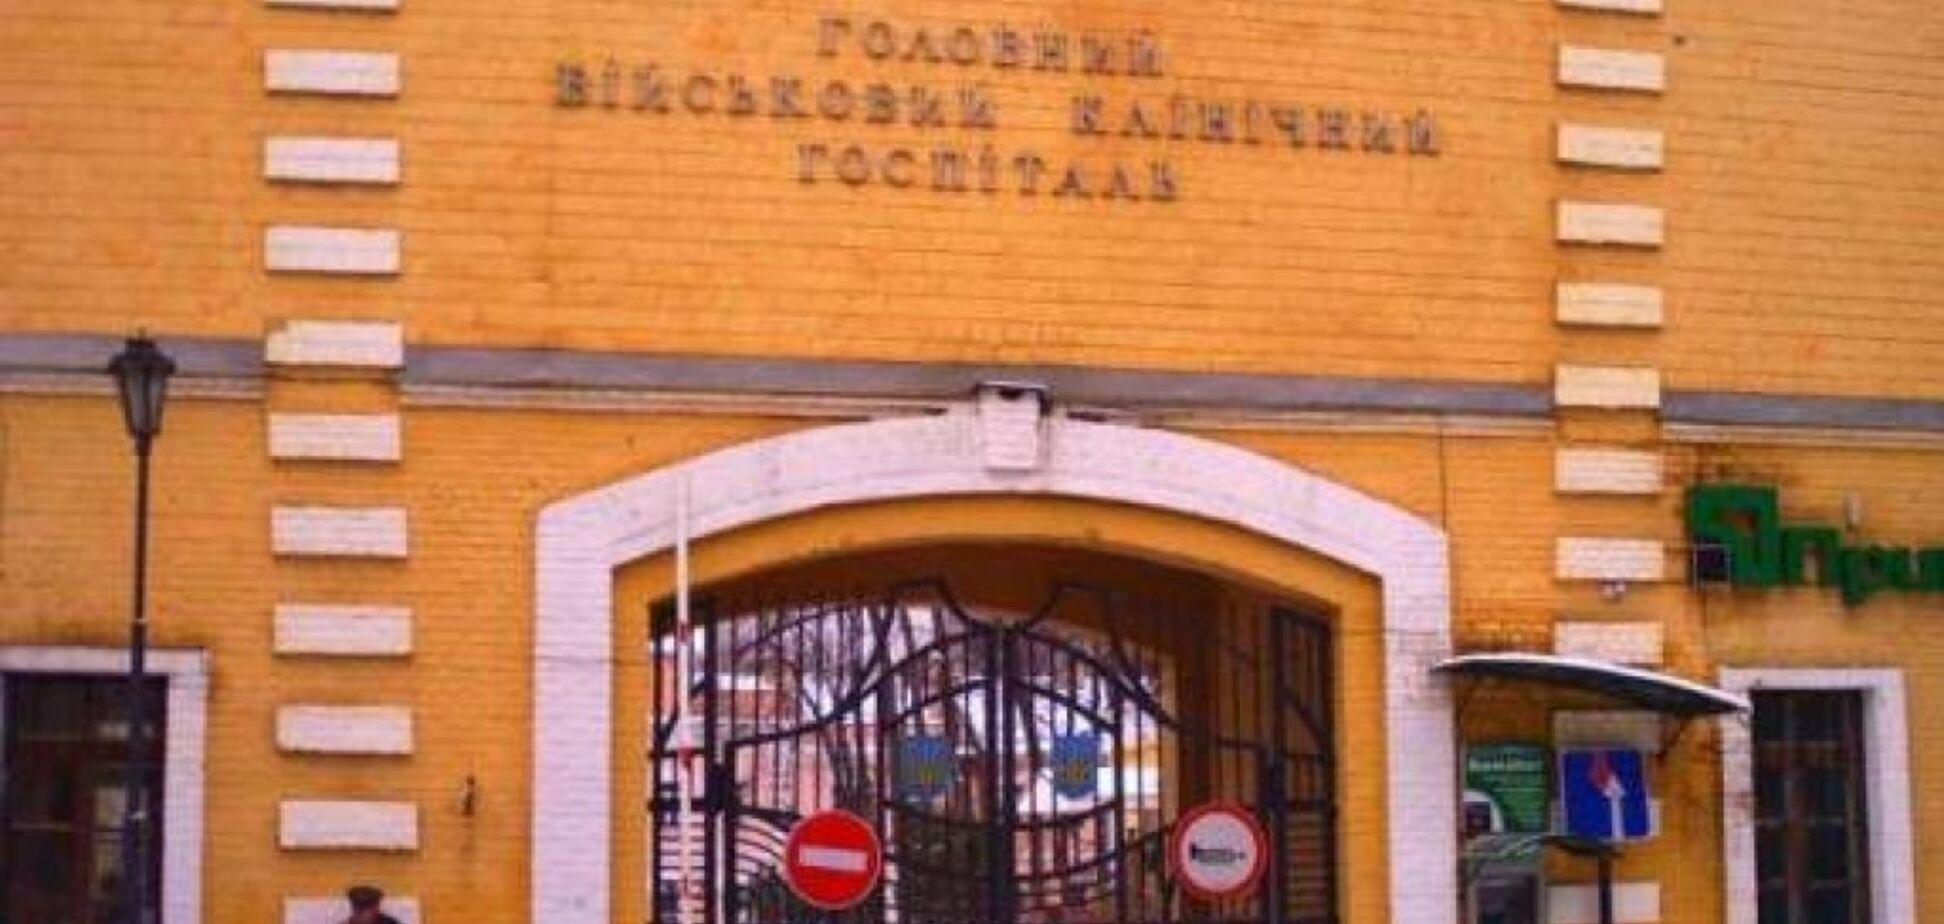 Под Киевом массово отравились военные: всплыли детали ЧП